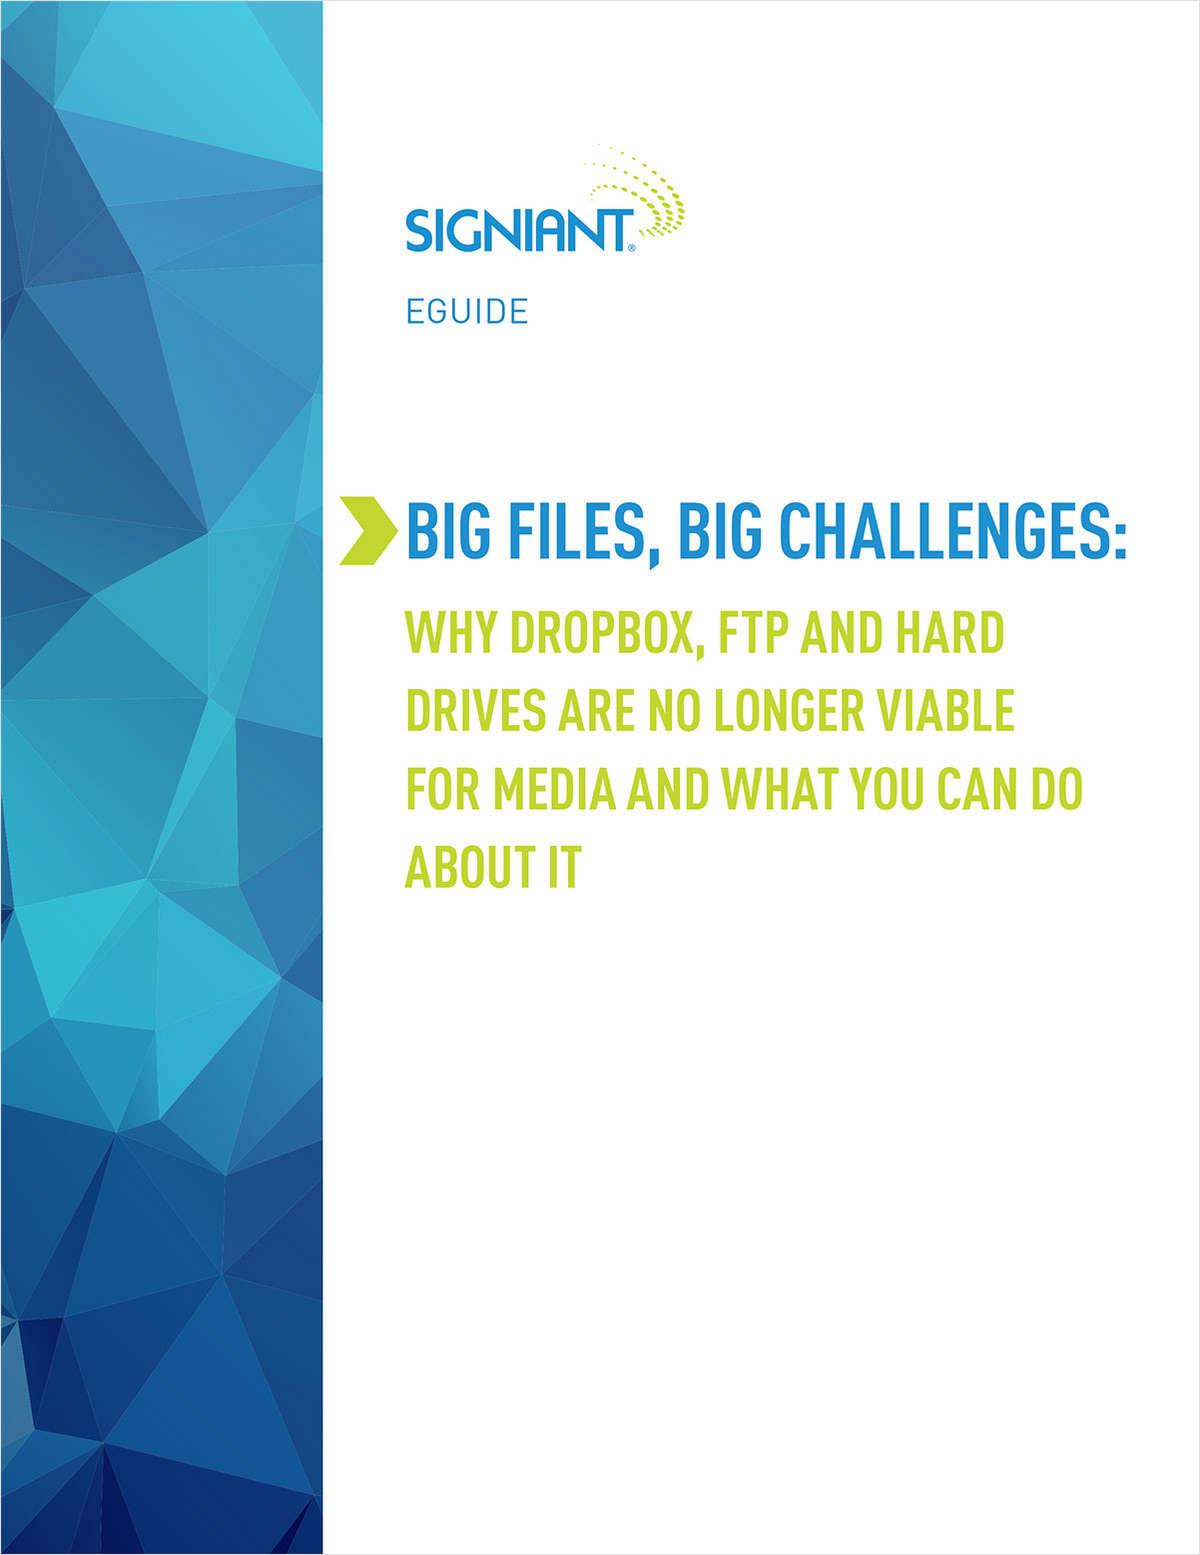 BIG FILES, BIG CHALLENGES